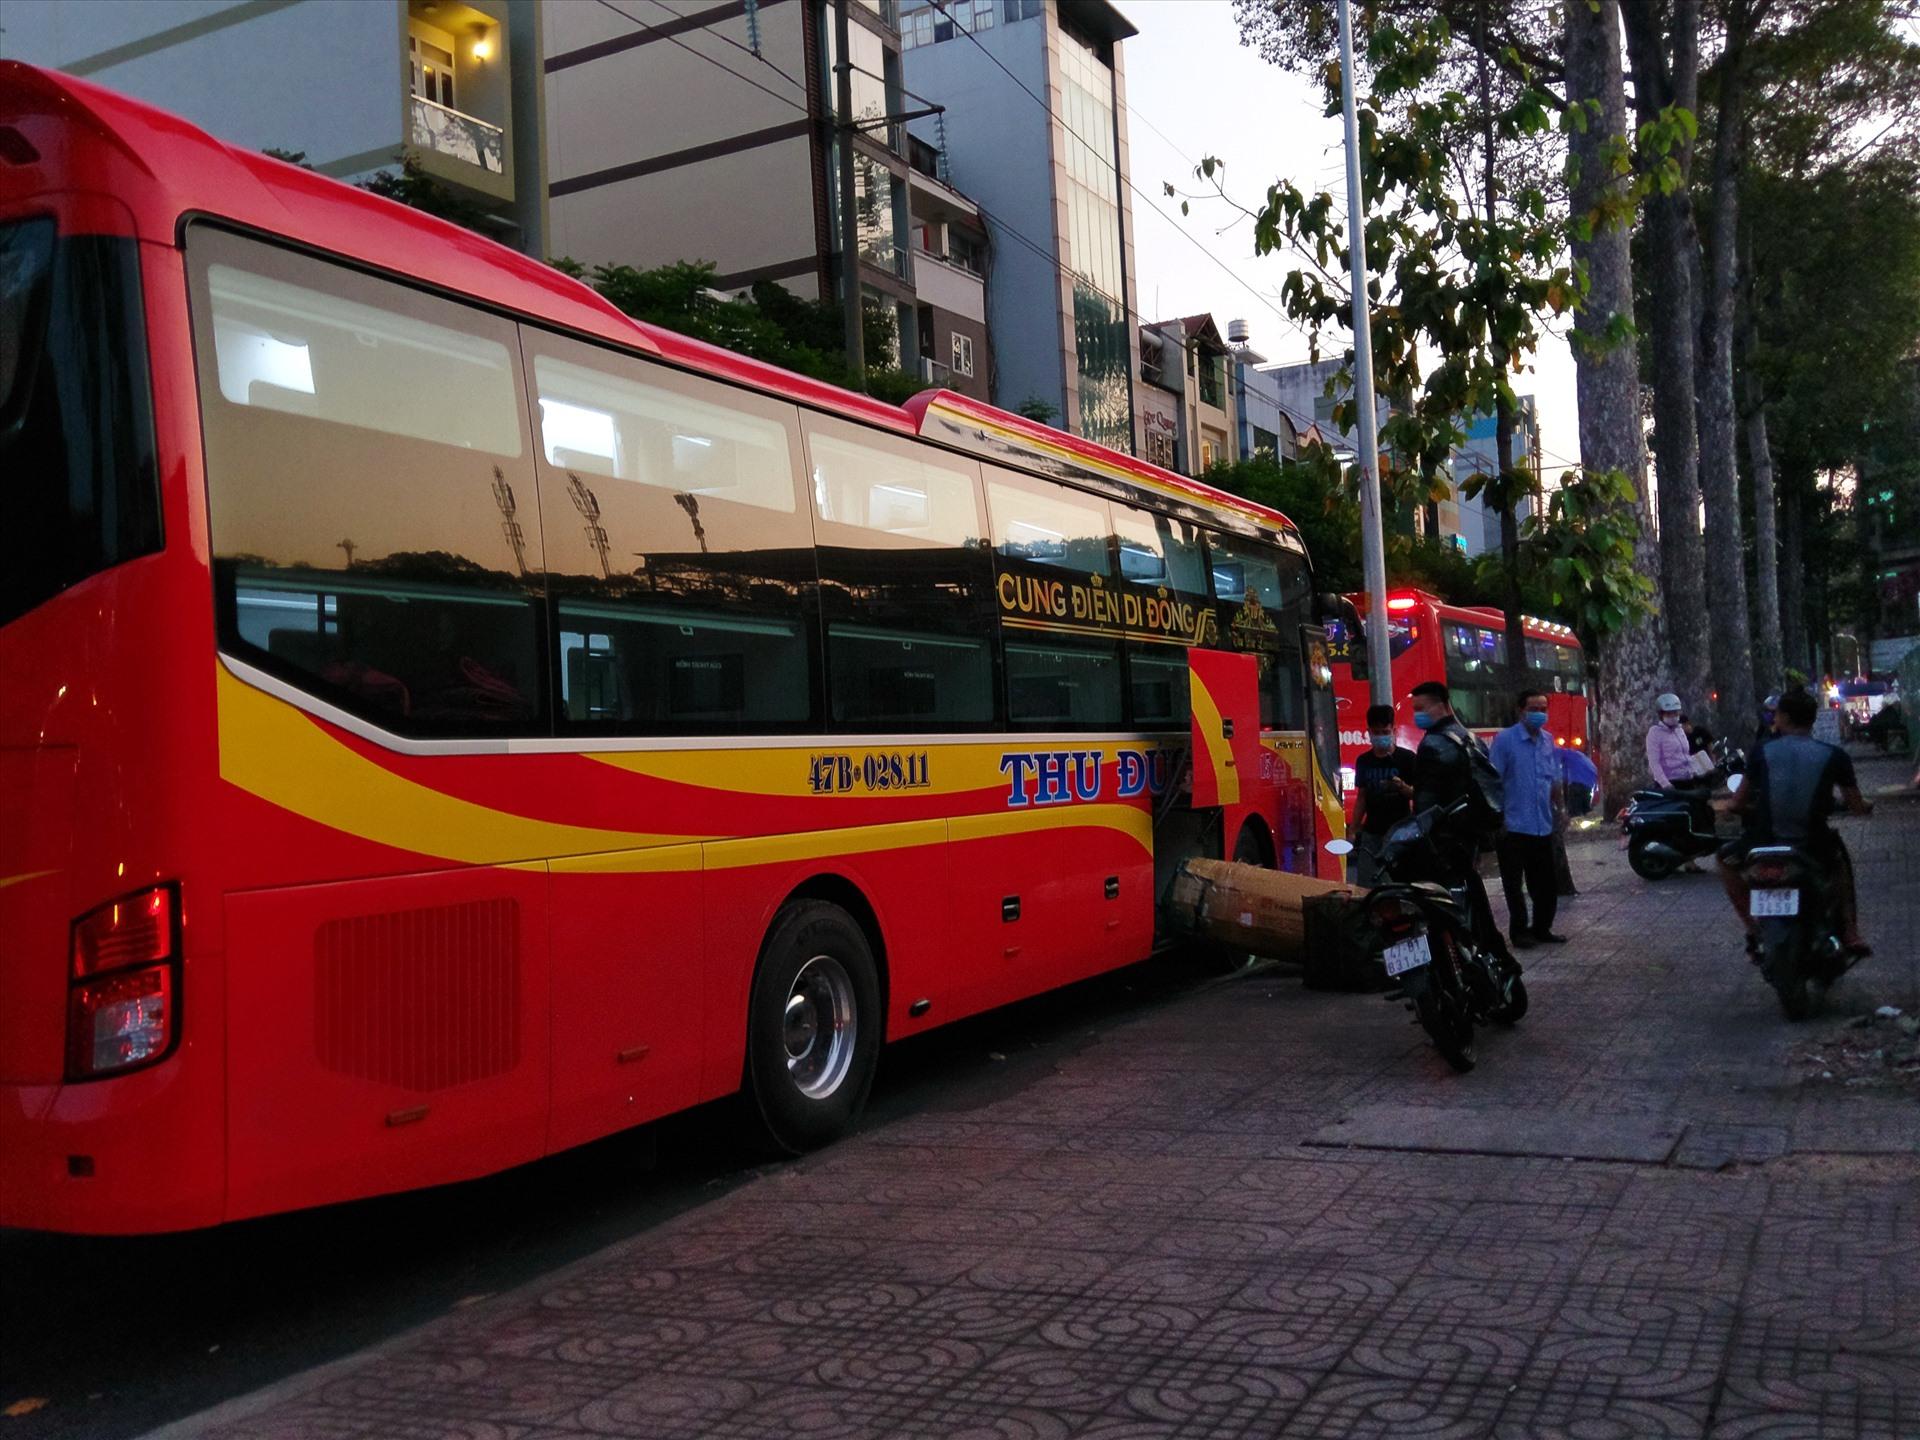 Không chỉ nhà xe Thành Bưởi, rất nhiều xe chạy hợp đồng khác vẫn chống lệnh để hoạt động chở khách. Trong ảnh là 2 xe khách chờ đón khách trên đường Hùng Vương (quận 10).